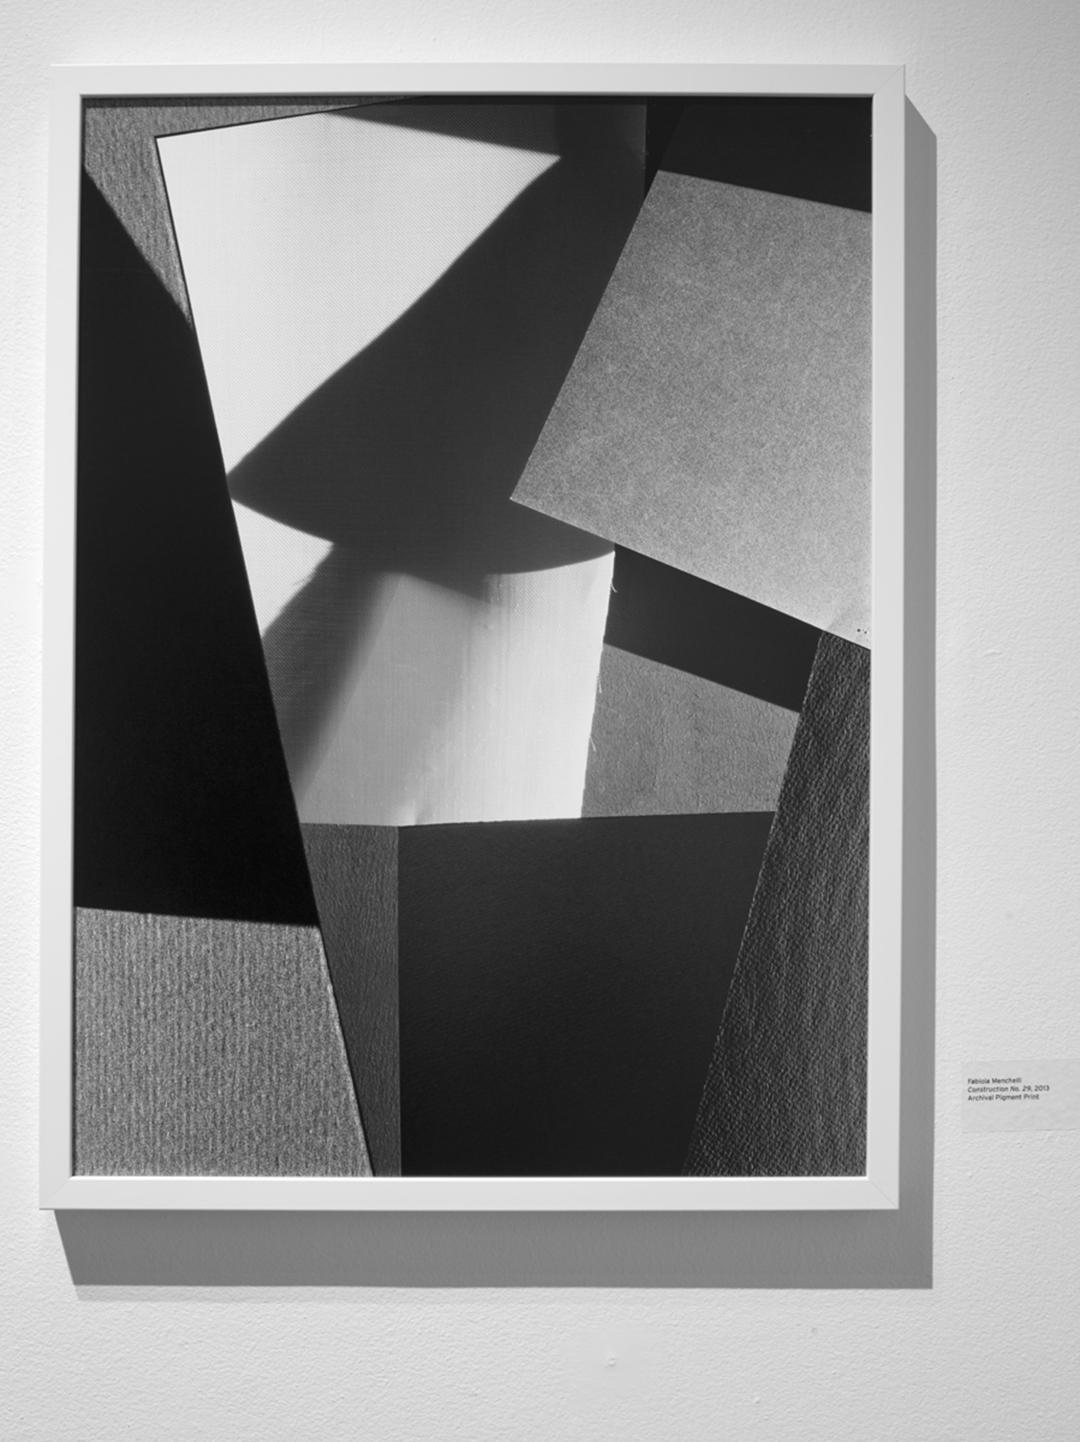 """Fabiola Menchelli, Construction 29, 2012, Archival pigment print on fibre paper, 22.5 x 30"""""""